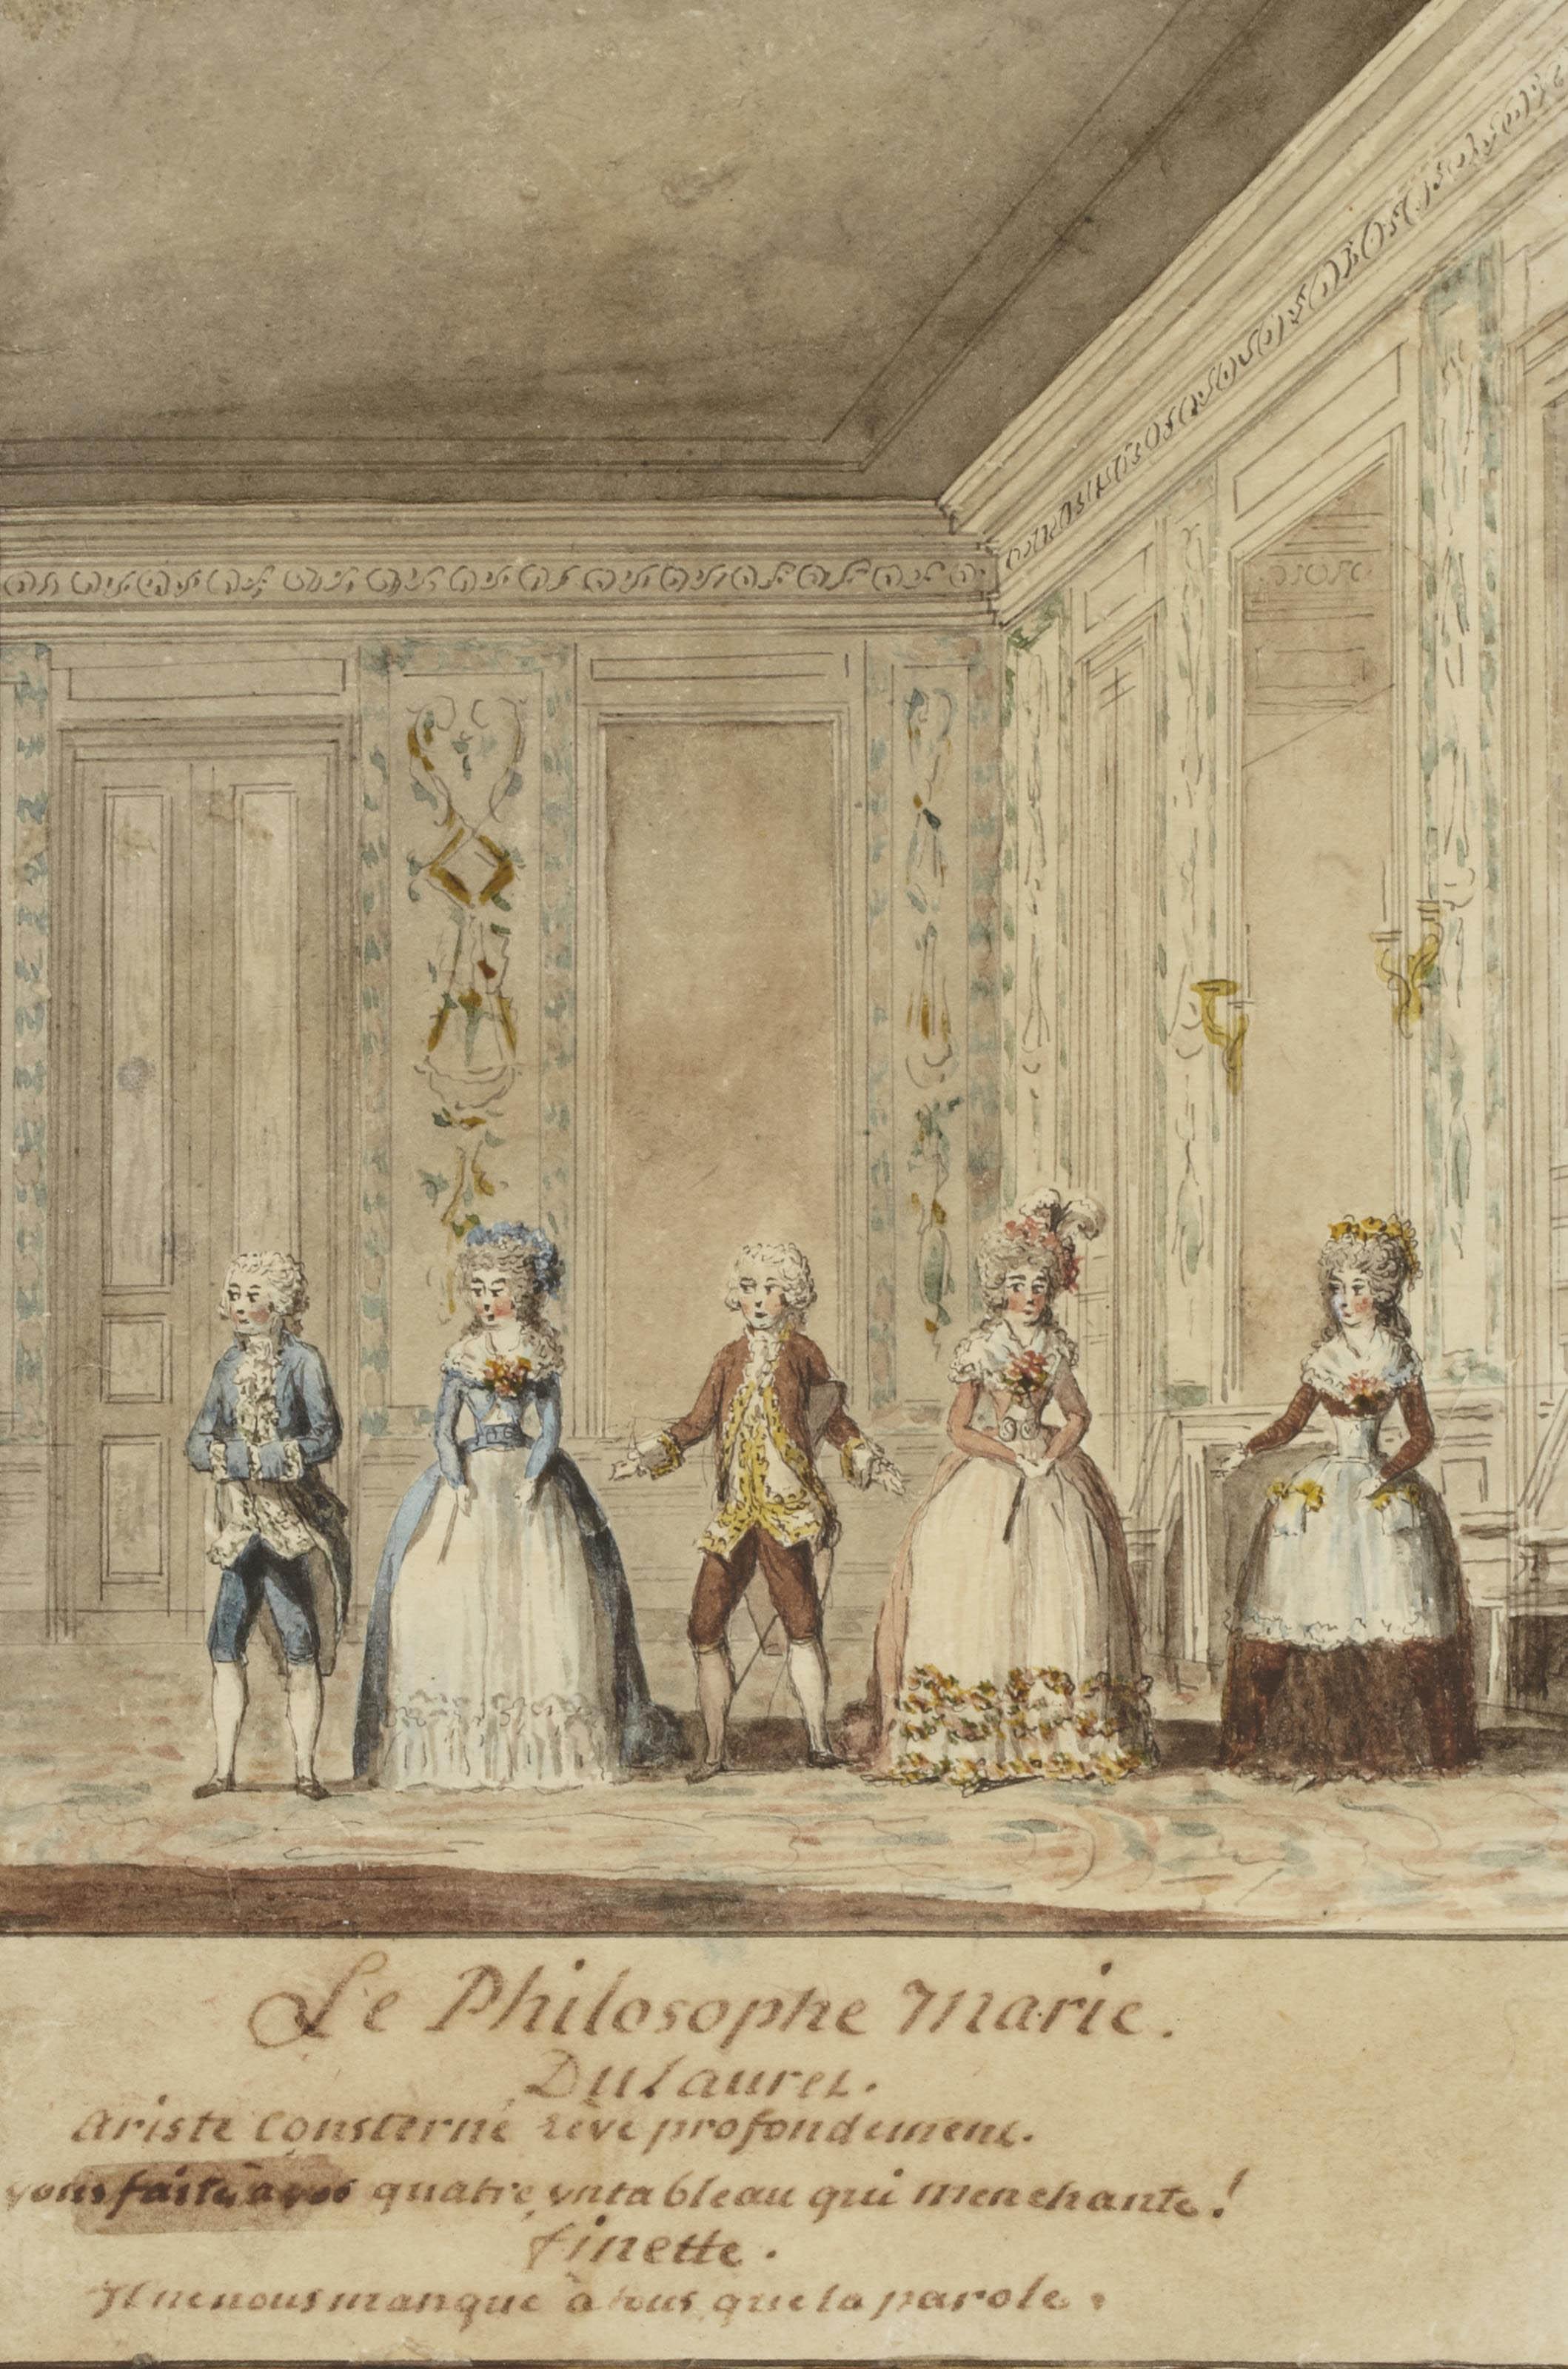 Scène du Philosophe marié de Philippe Néricault Destouches